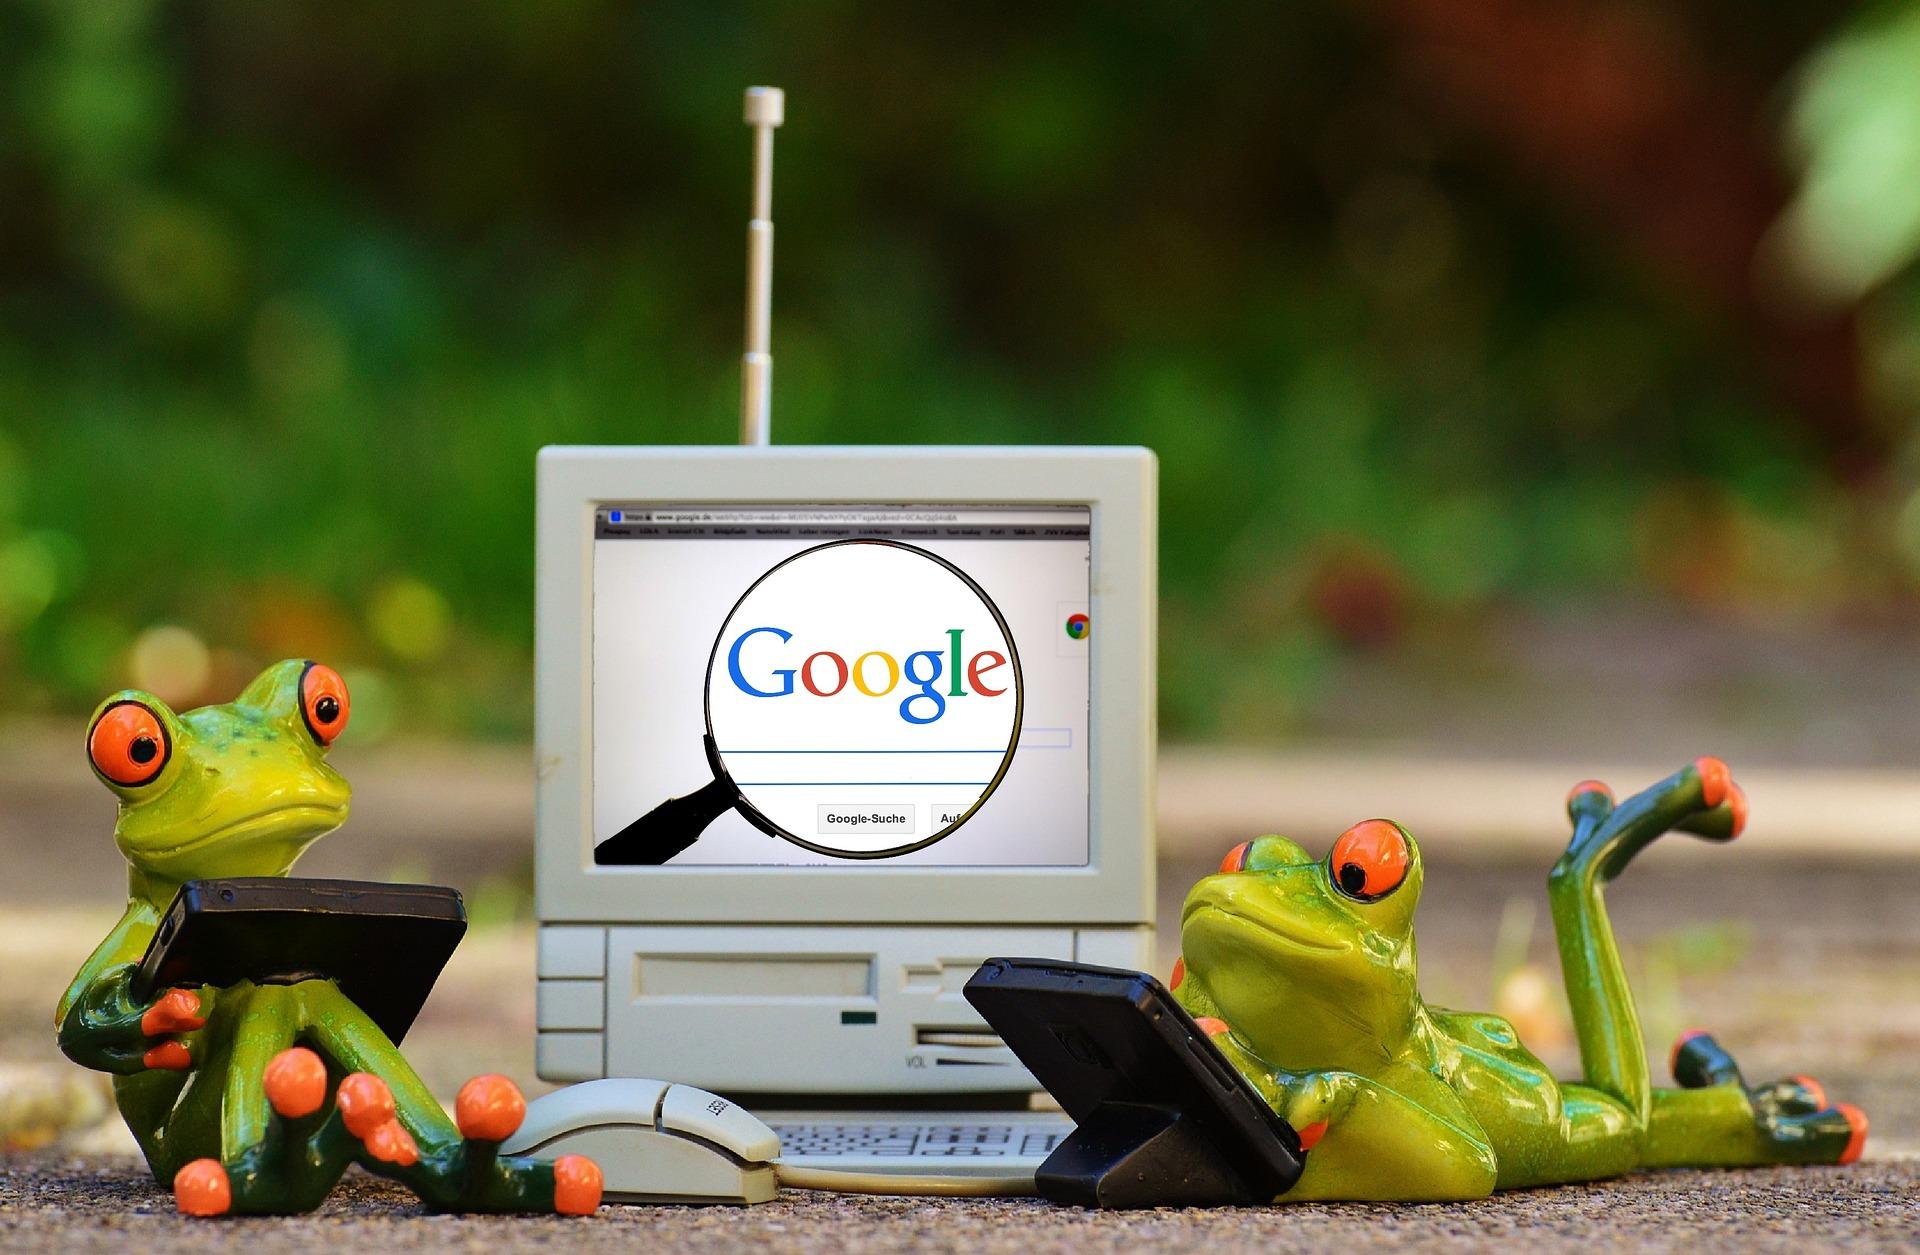 Des employés de Google impliqués dans une escroquerie de Bitcoin